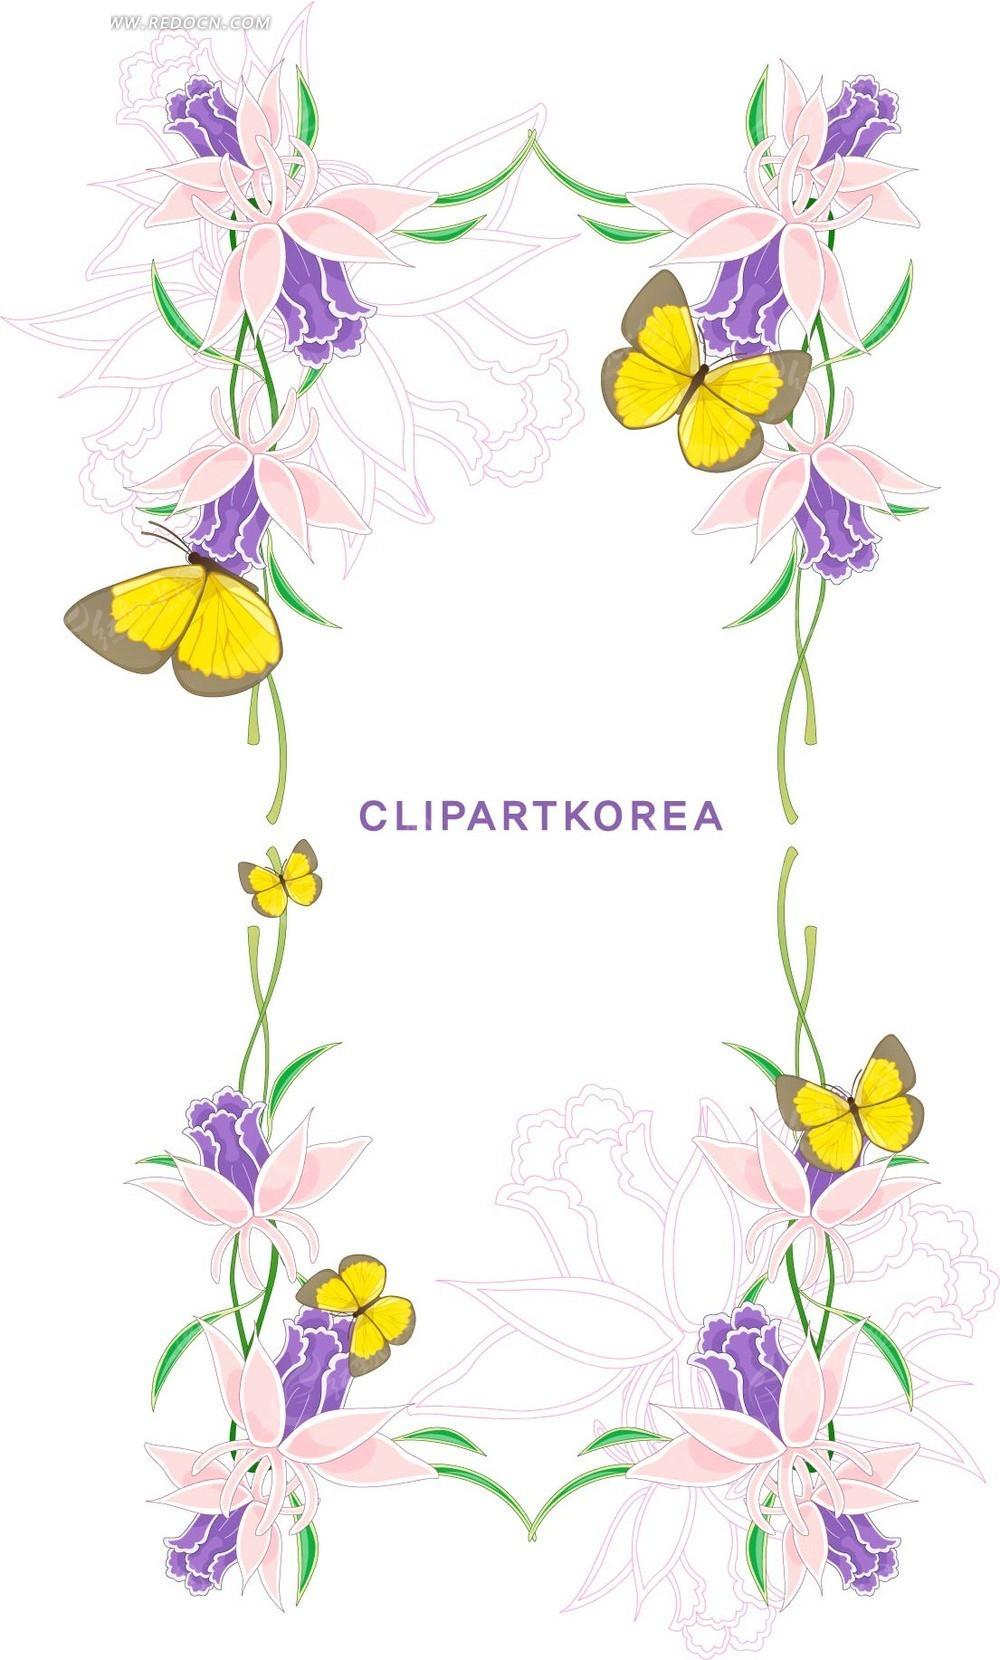 花卉素材矢量图